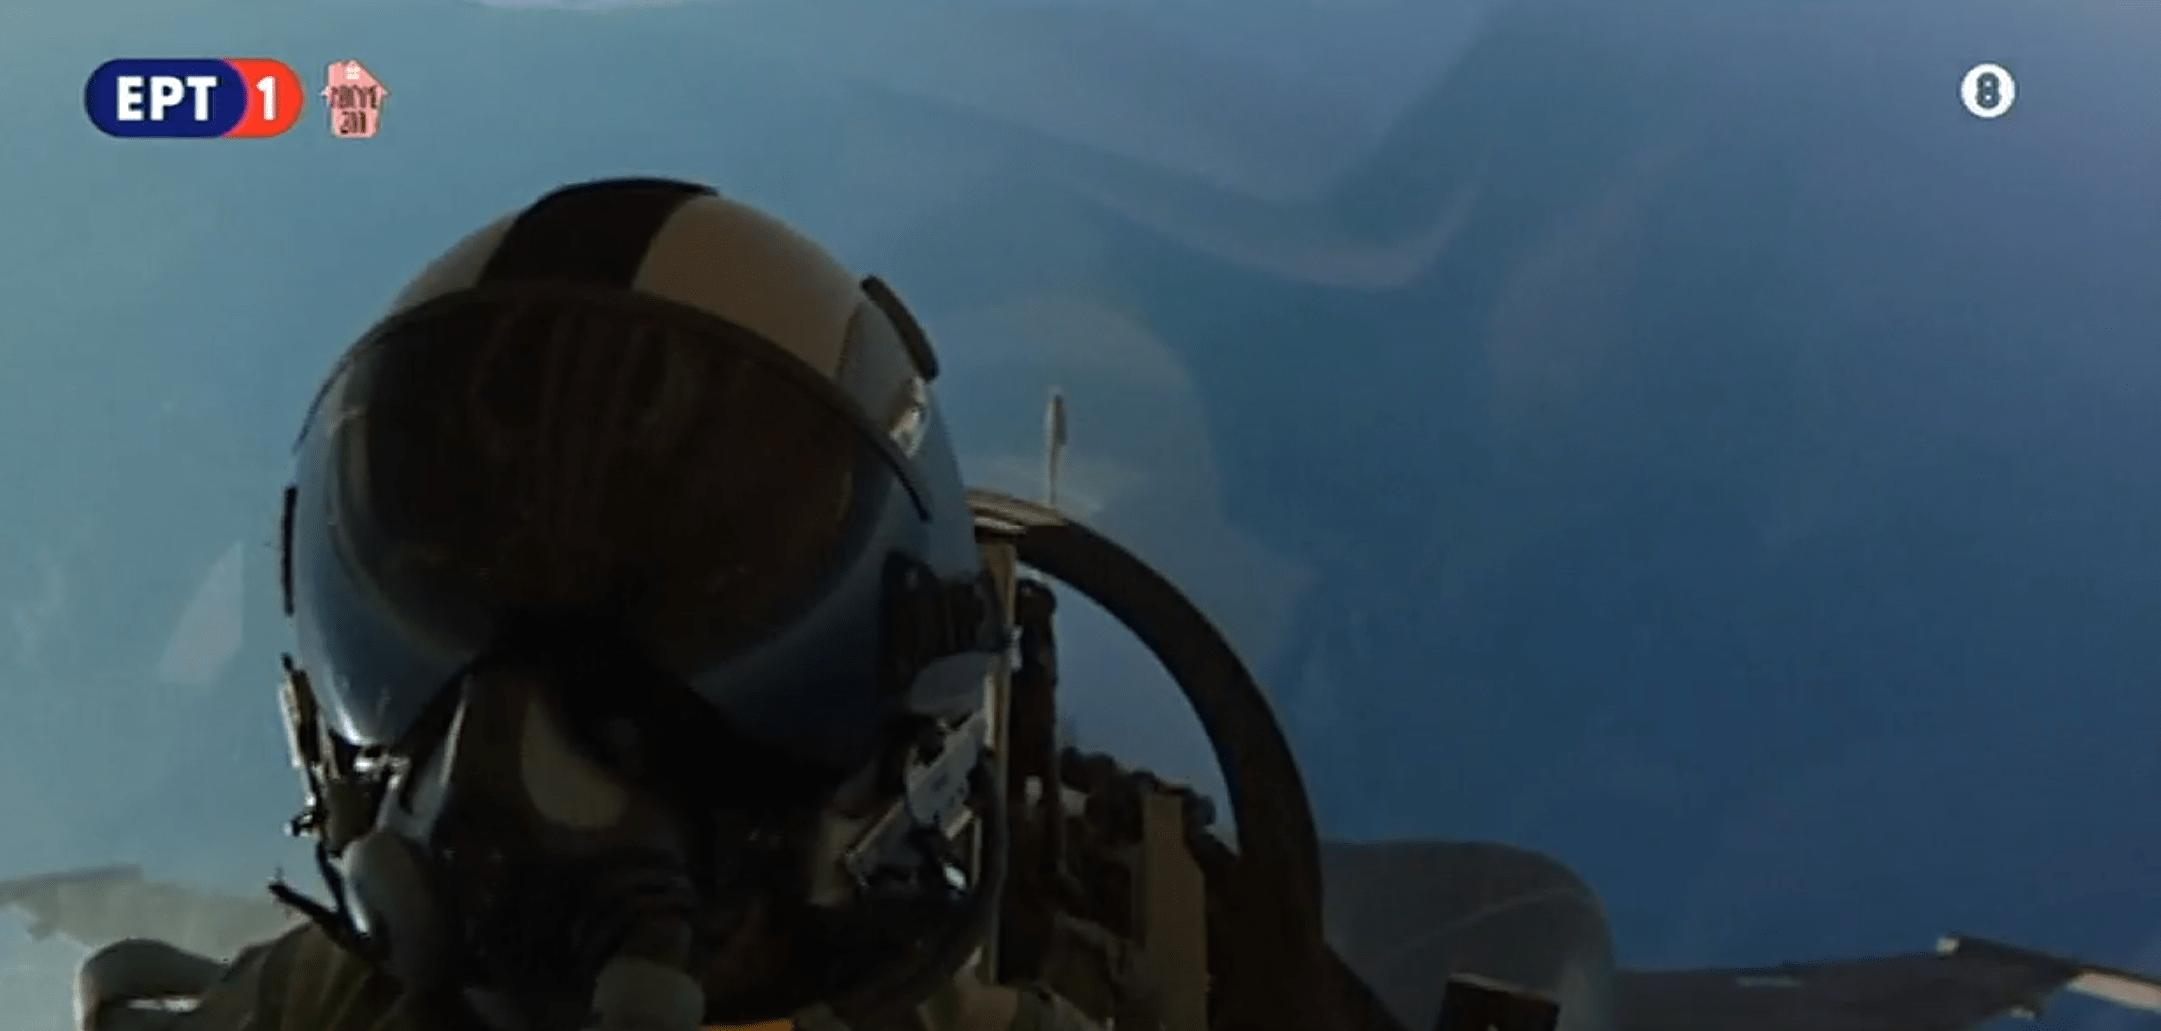 Σάρωσαν τους Ουρανούς του Έβρου τα Μαχητικά μας … Ακούστε το μήνυμα του Ιπταμένου του «ΖΕΥΣ» ( video) 3